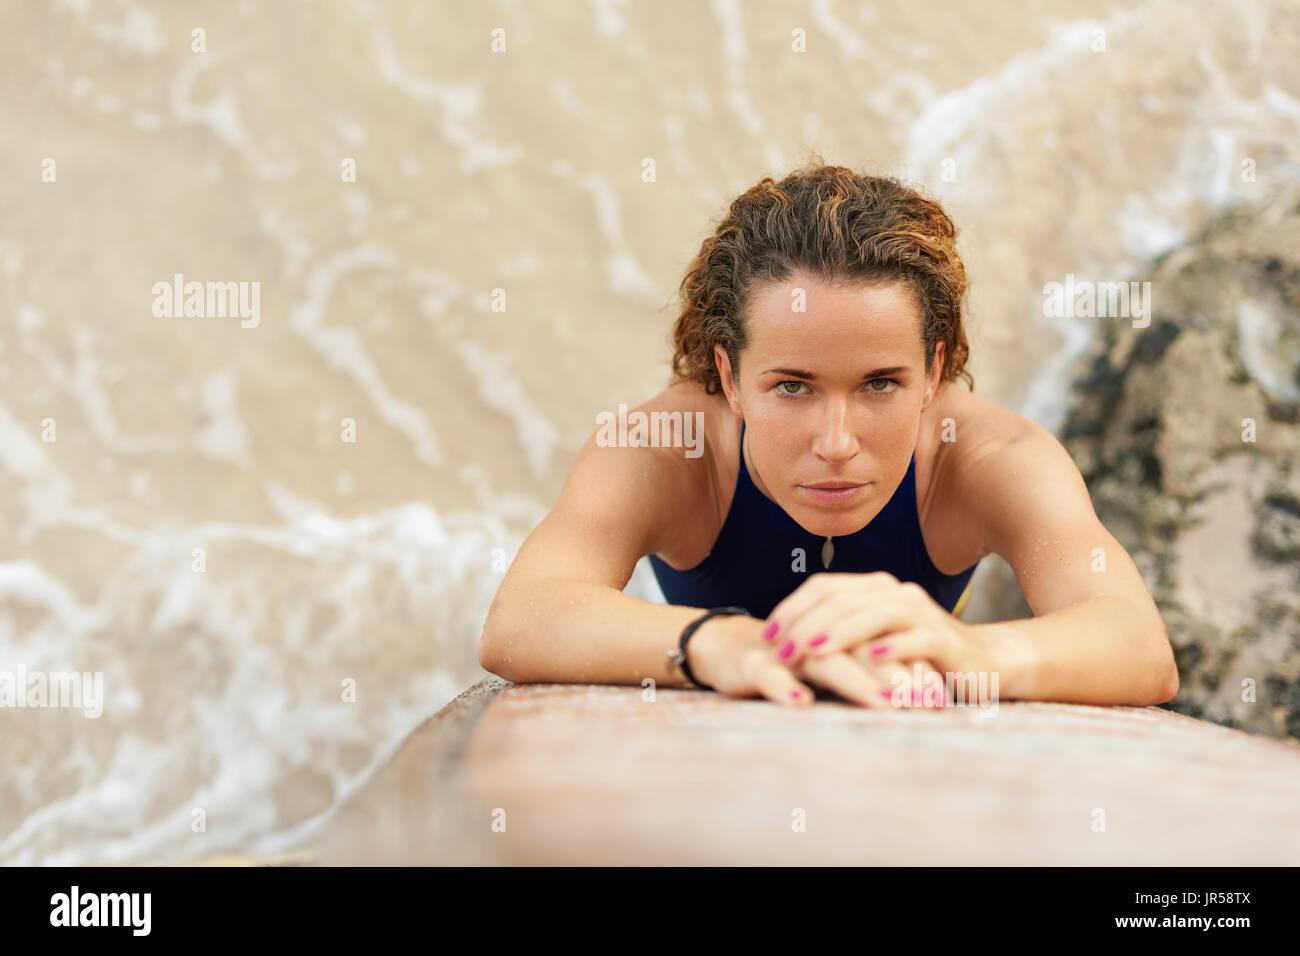 Schöne Surfer Girl im Bikini holding Surf Board stehen und Blick in die Kamera. Ansicht von oben. Frauen in Wasser sport Adventure Camp, Strand extreme Aktivitäten. Stockbild